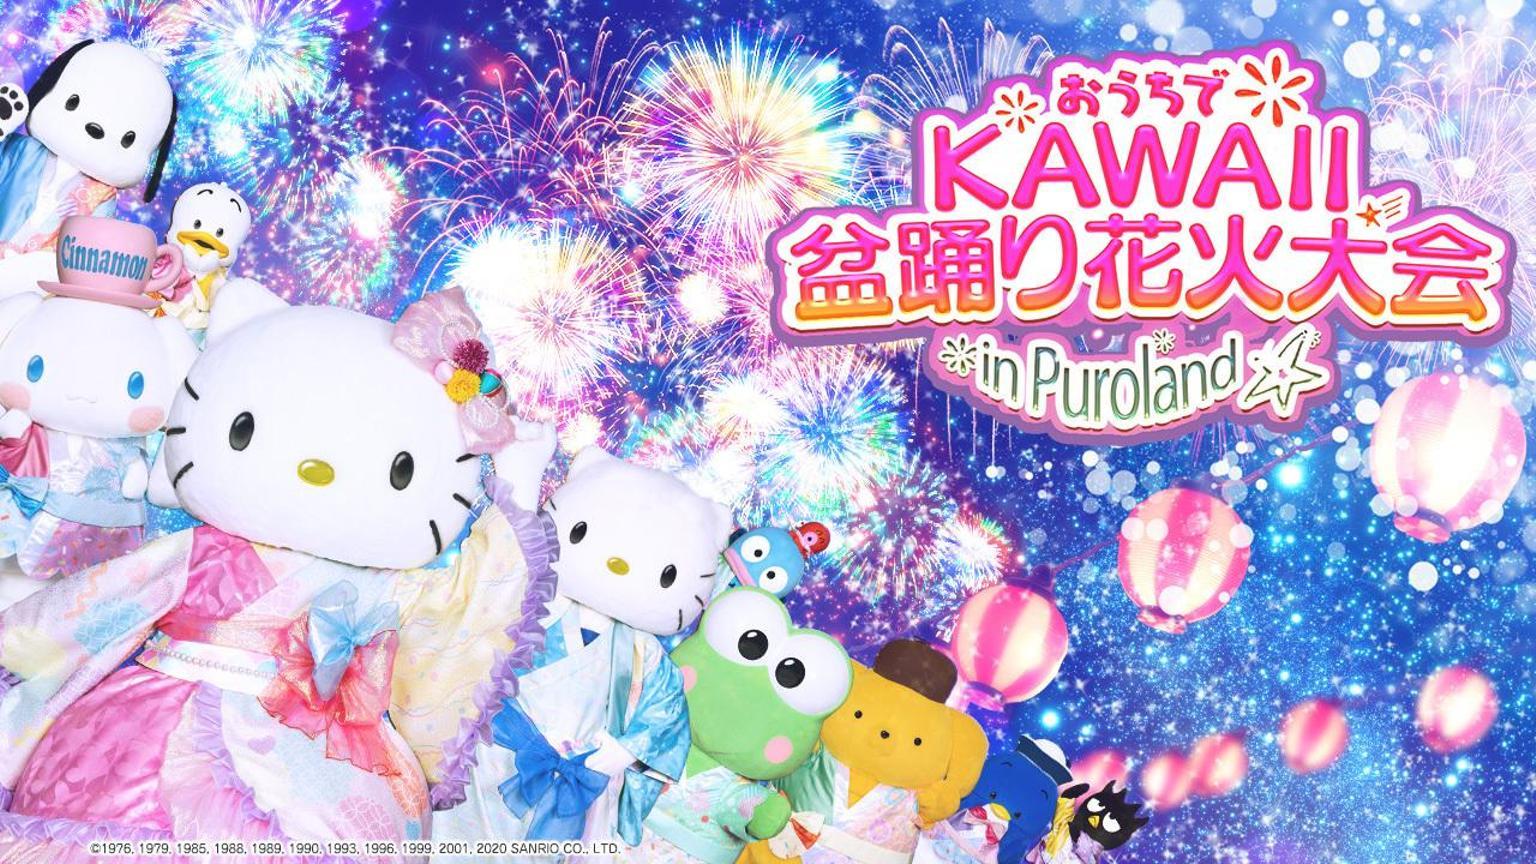 おうちでKAWAII盆踊り花火大会 in Puroland